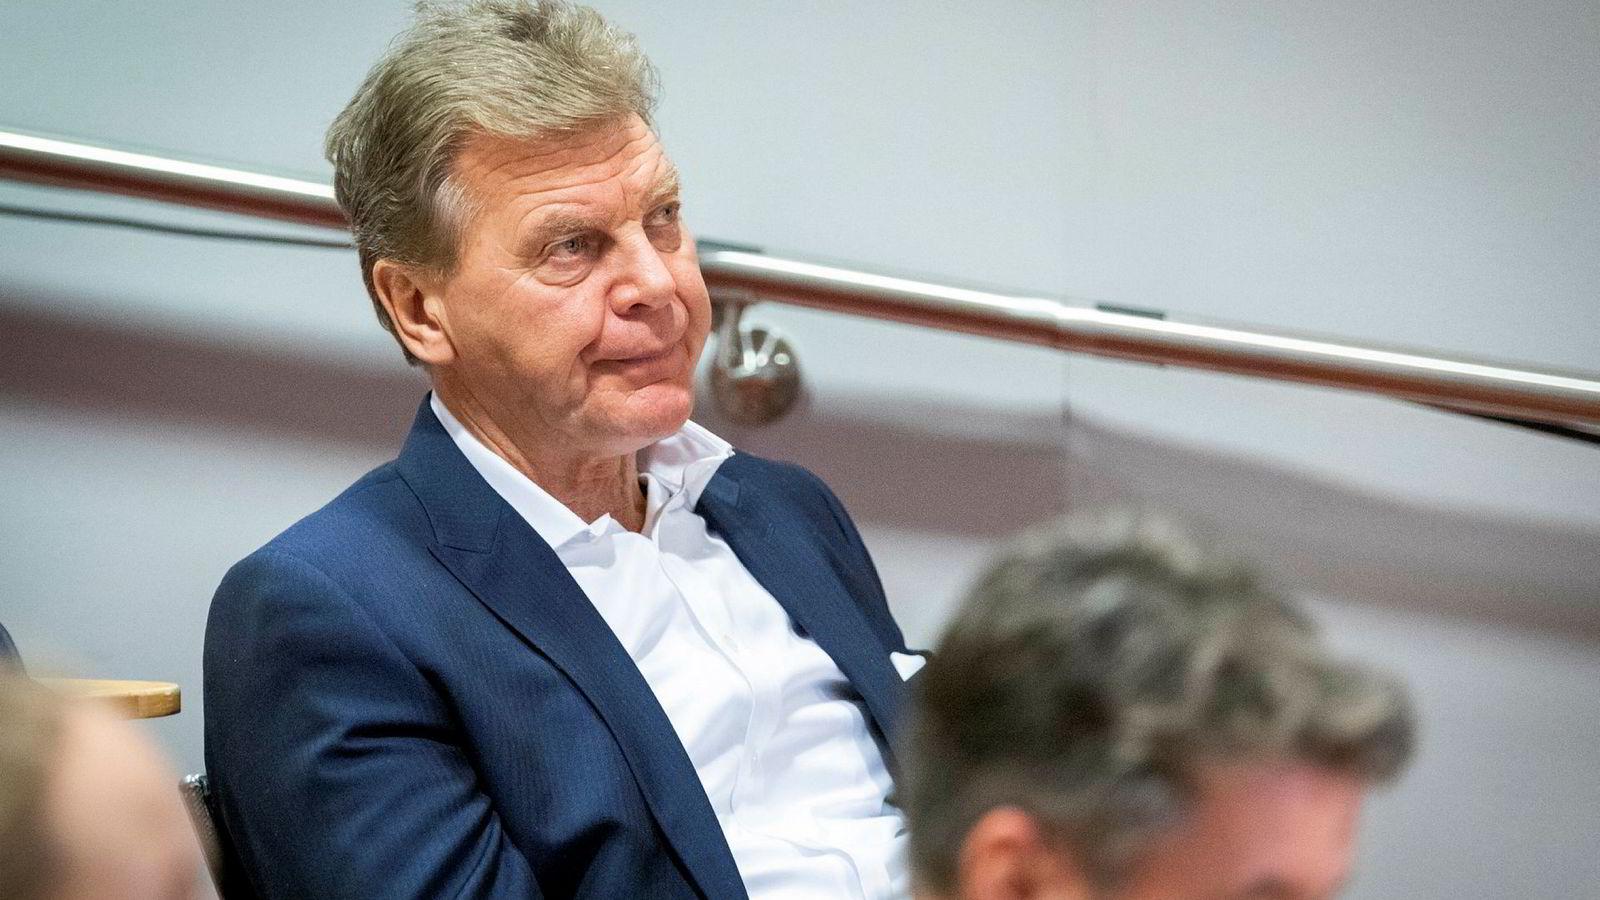 Styreleder Bjørn H. Kise i Norwegian under presentasjonen av kvartalsresultatet.